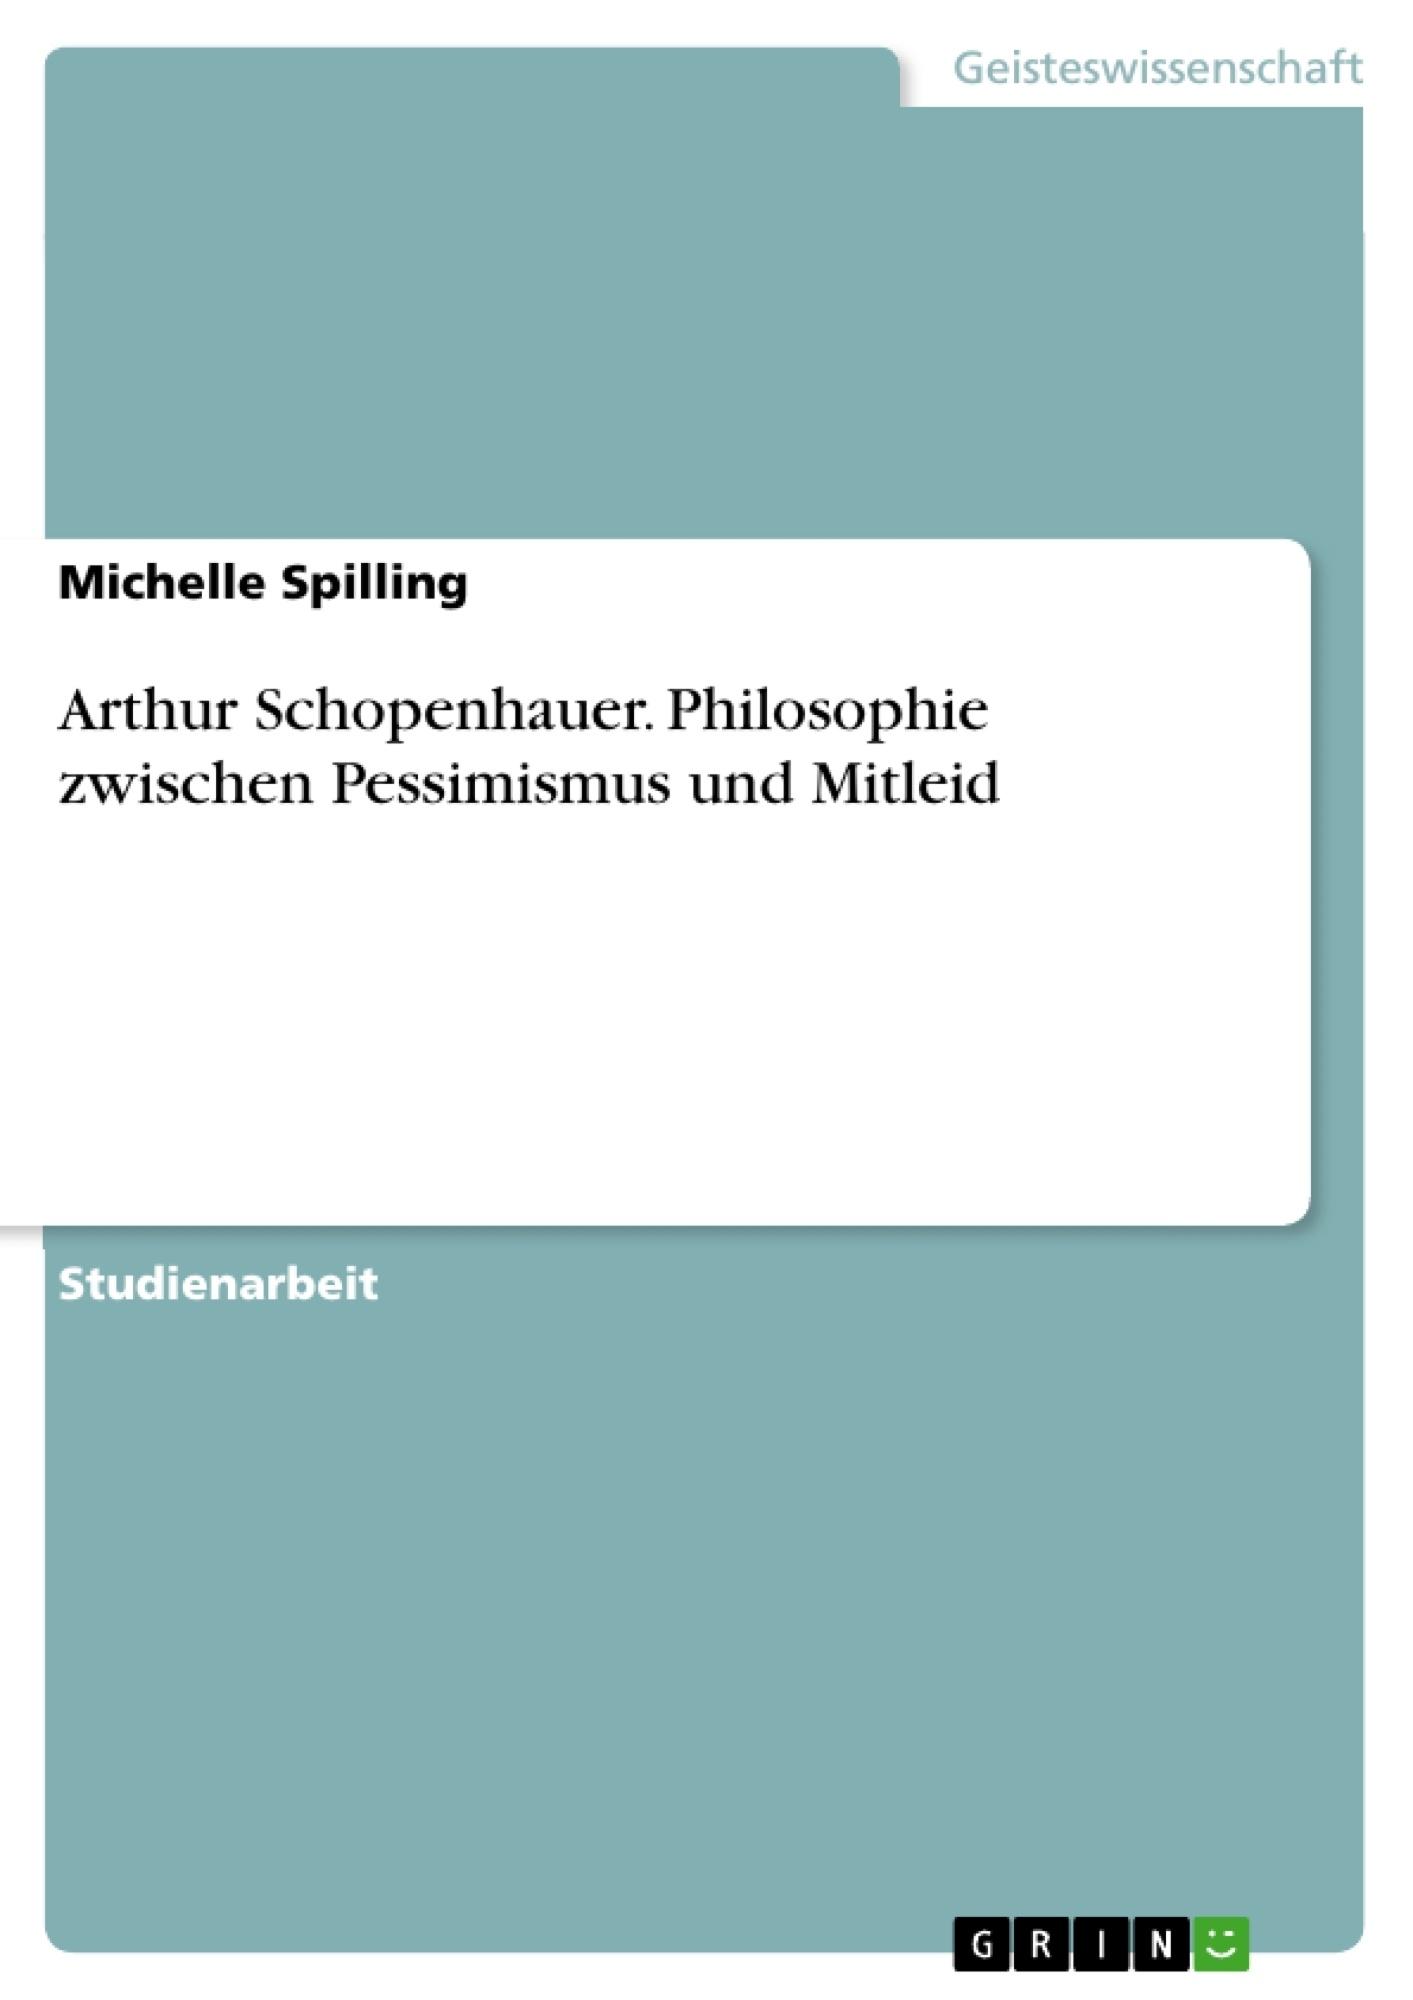 Titel: Arthur Schopenhauer. Philosophie zwischen Pessimismus und Mitleid